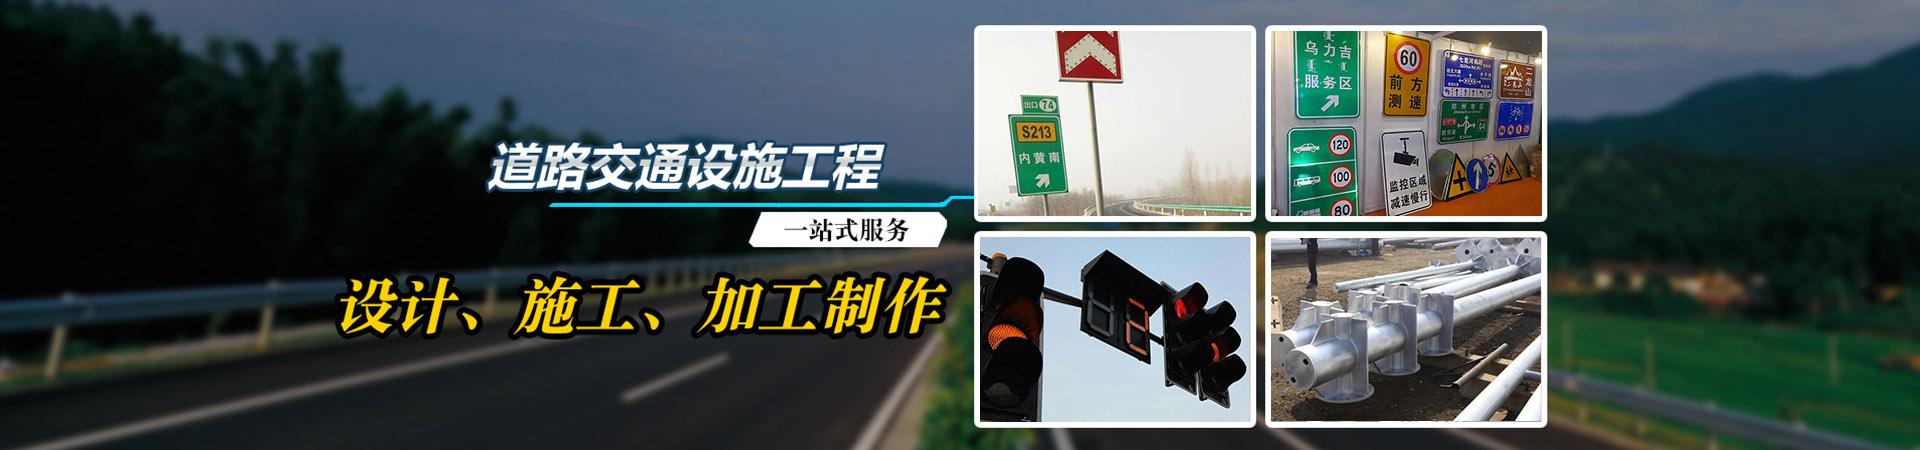 河南展腾交通安全设施有限公司